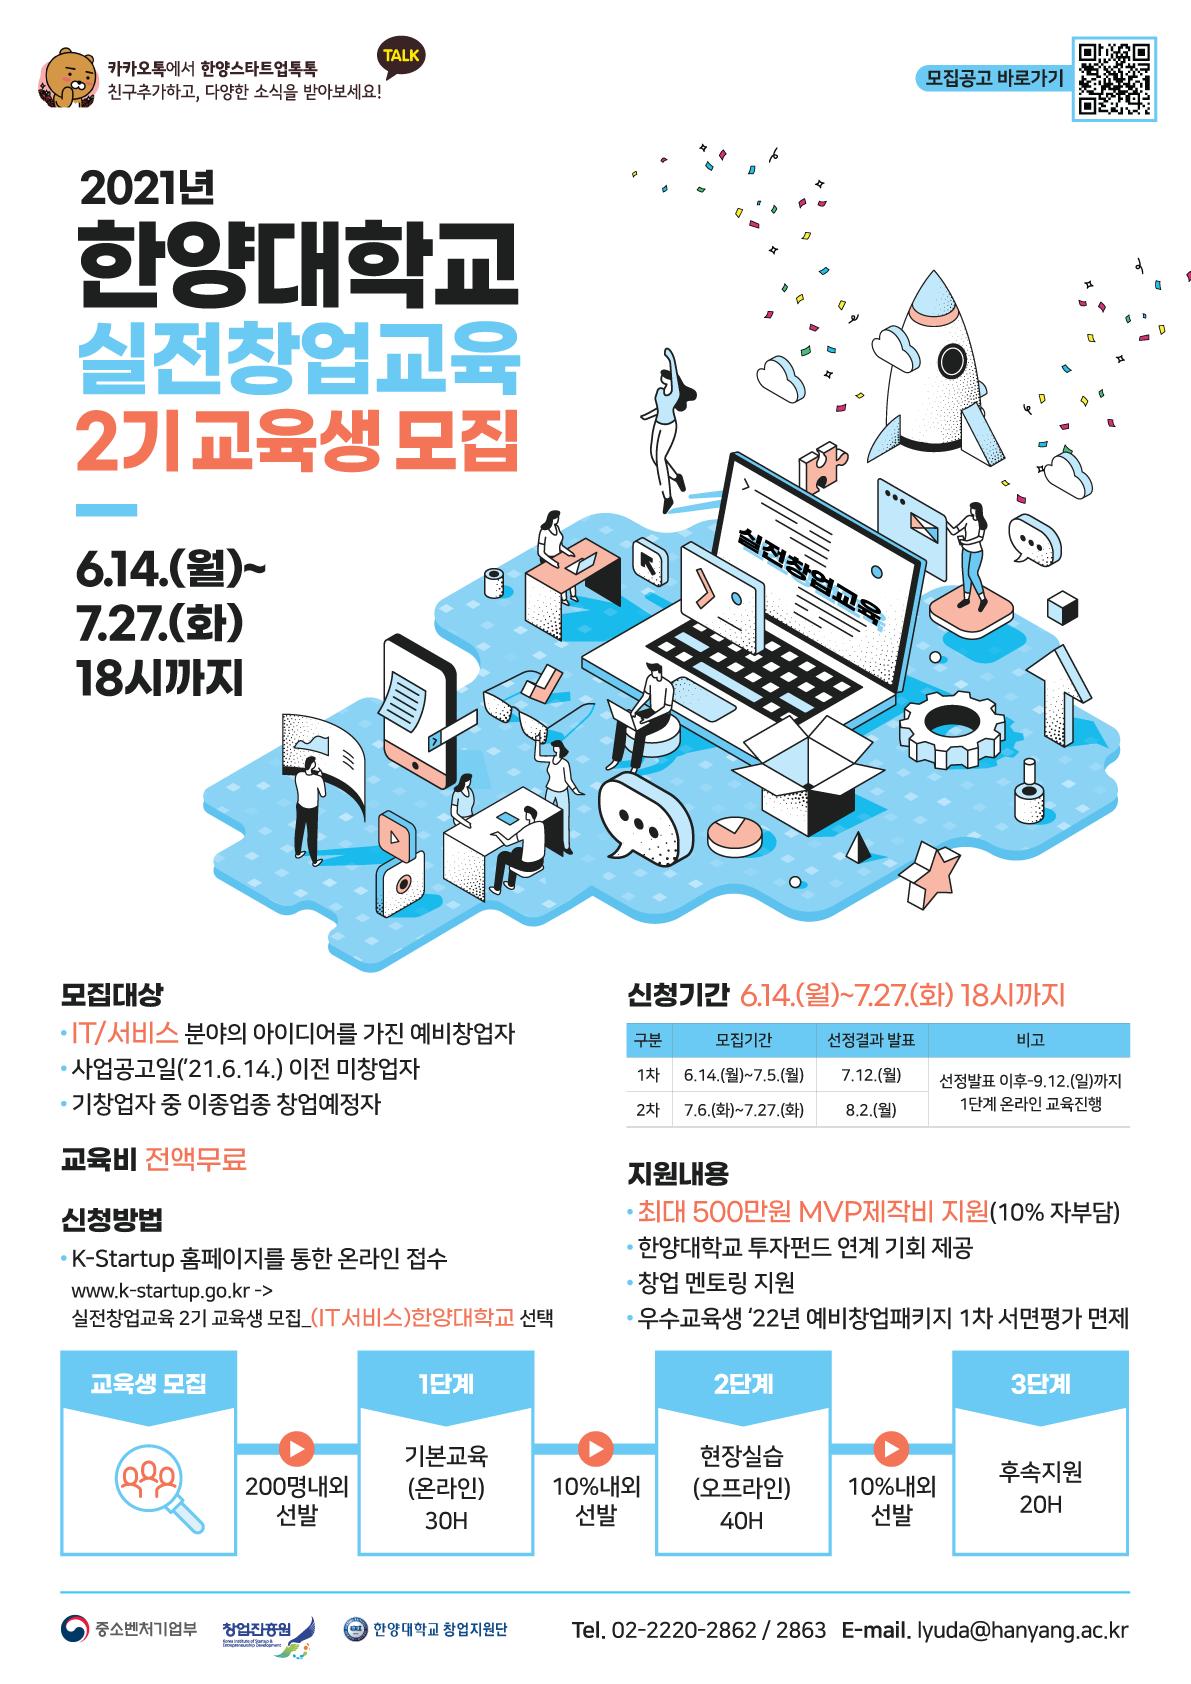 [창업지원단] 2021년 한양대학교 실전창업교육 2기 교육생 모집 안내(~7.27.(화) 18시까지)